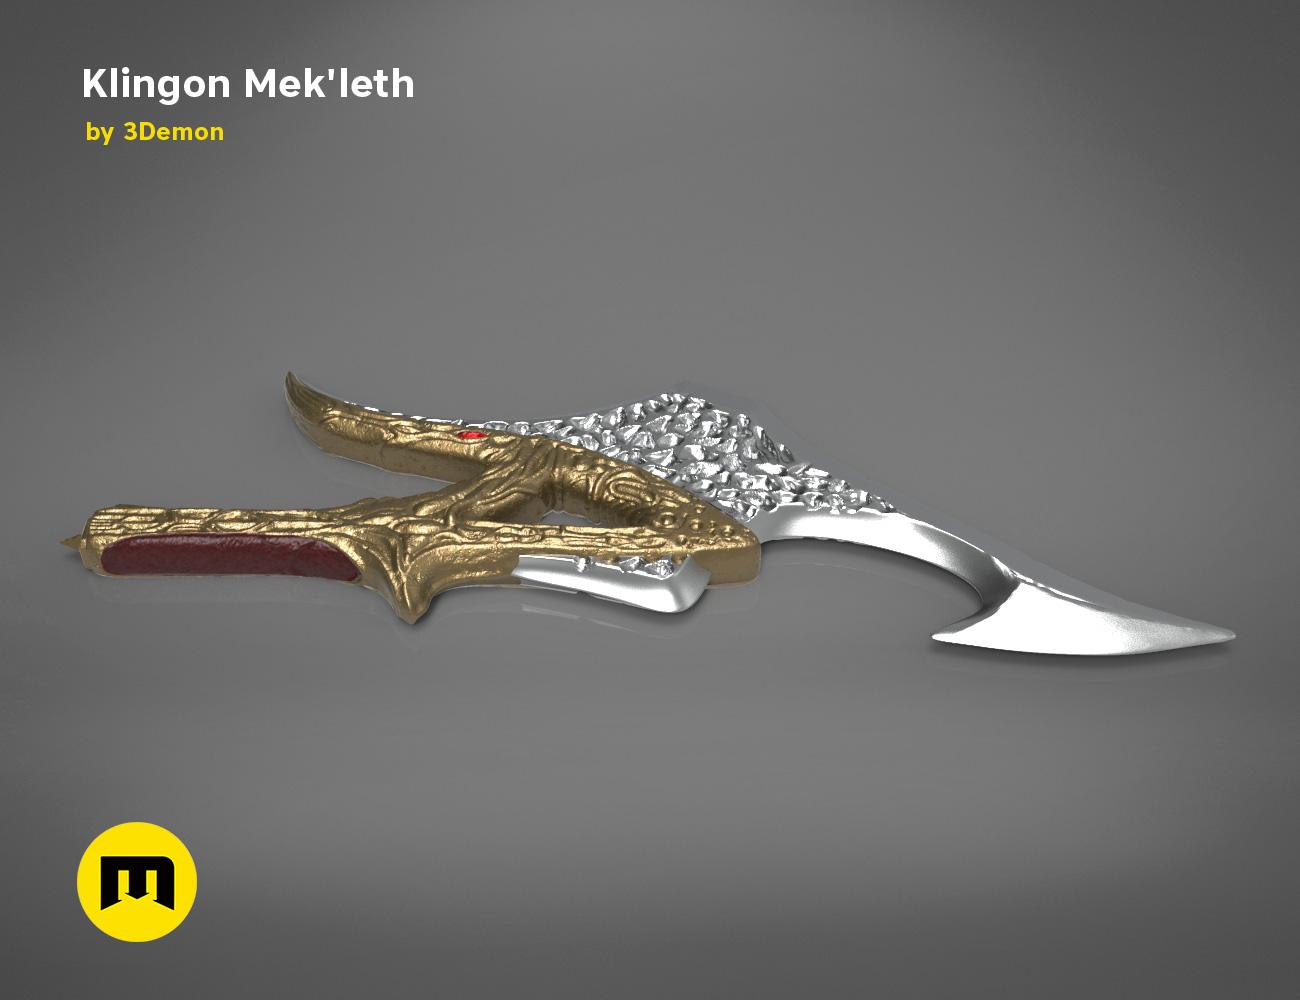 mekleth1_color_render.471.jpg Download OBJ file Klingon Mek'leth - Star Trek • Model to 3D print, 3D-mon